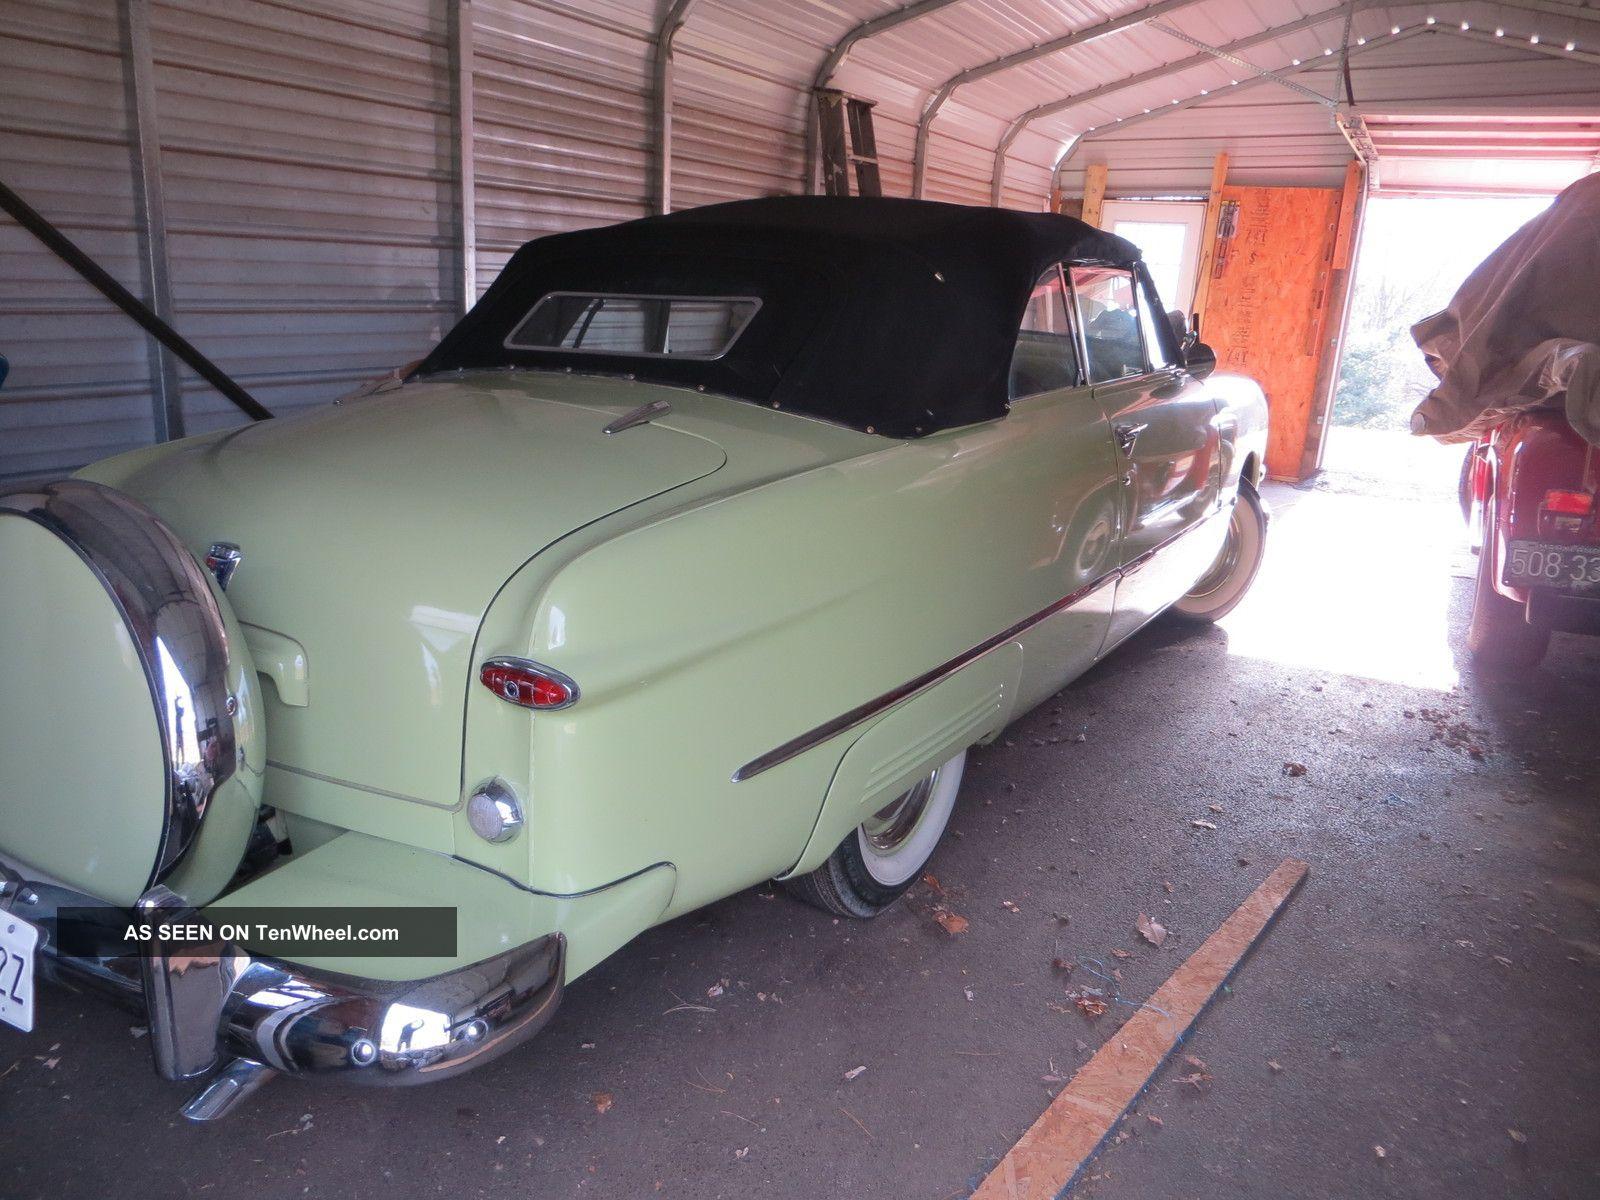 1950 Ford Great Survivor Or Barris Kustom Rod Lead Slead Like 1949 Merc Rat Rod Other photo